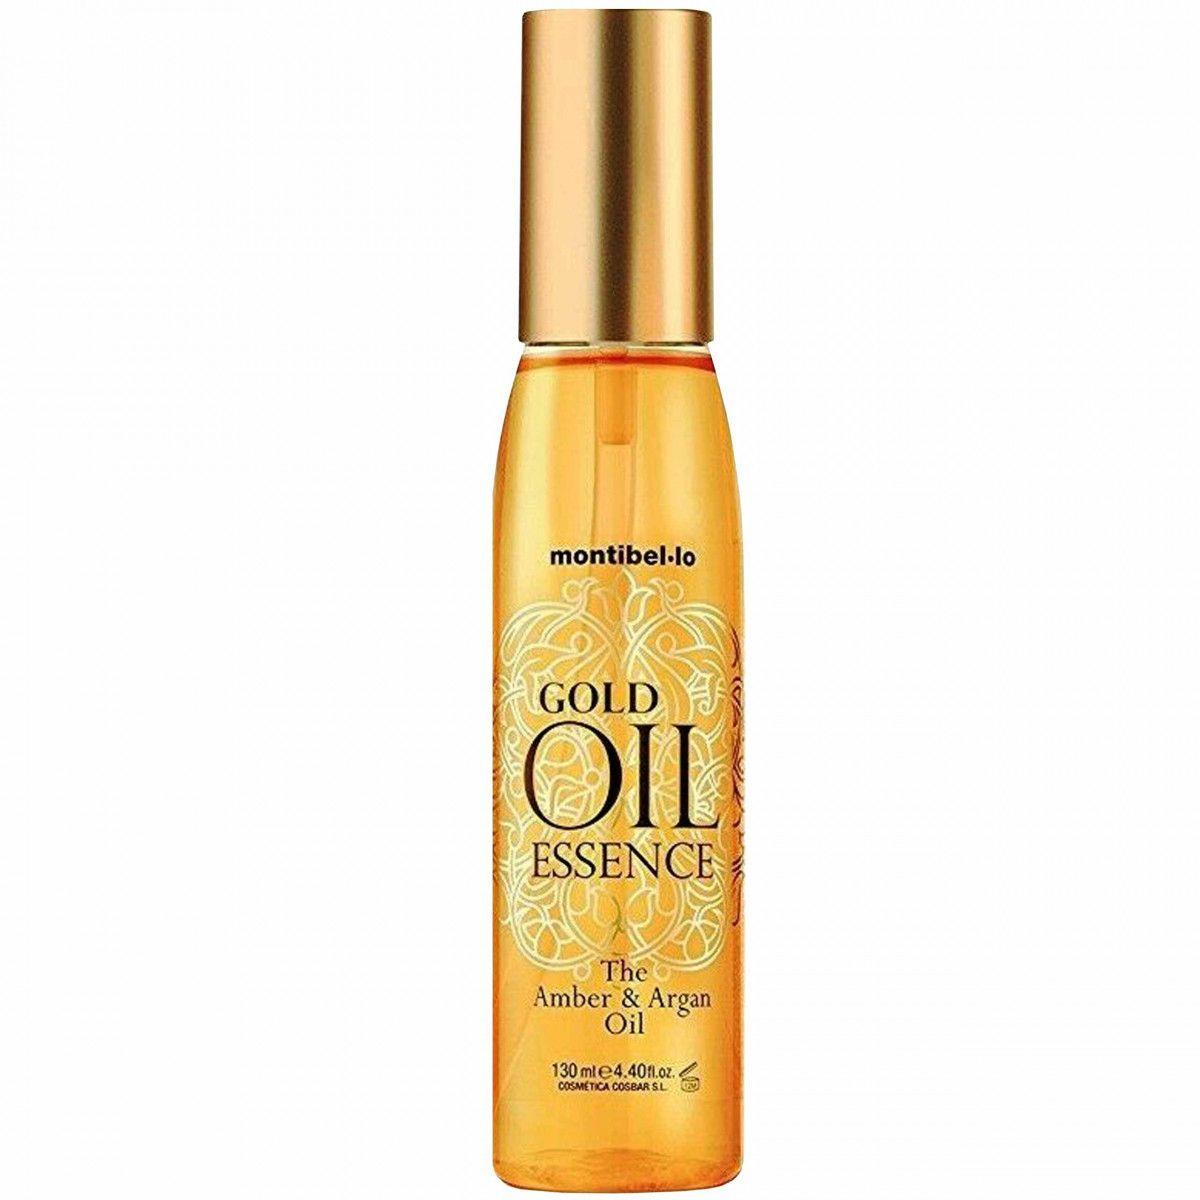 Montibello Gold Oil Essence, olejek bursztynowo-arganowy, wzmacnia i nawilża 130ml